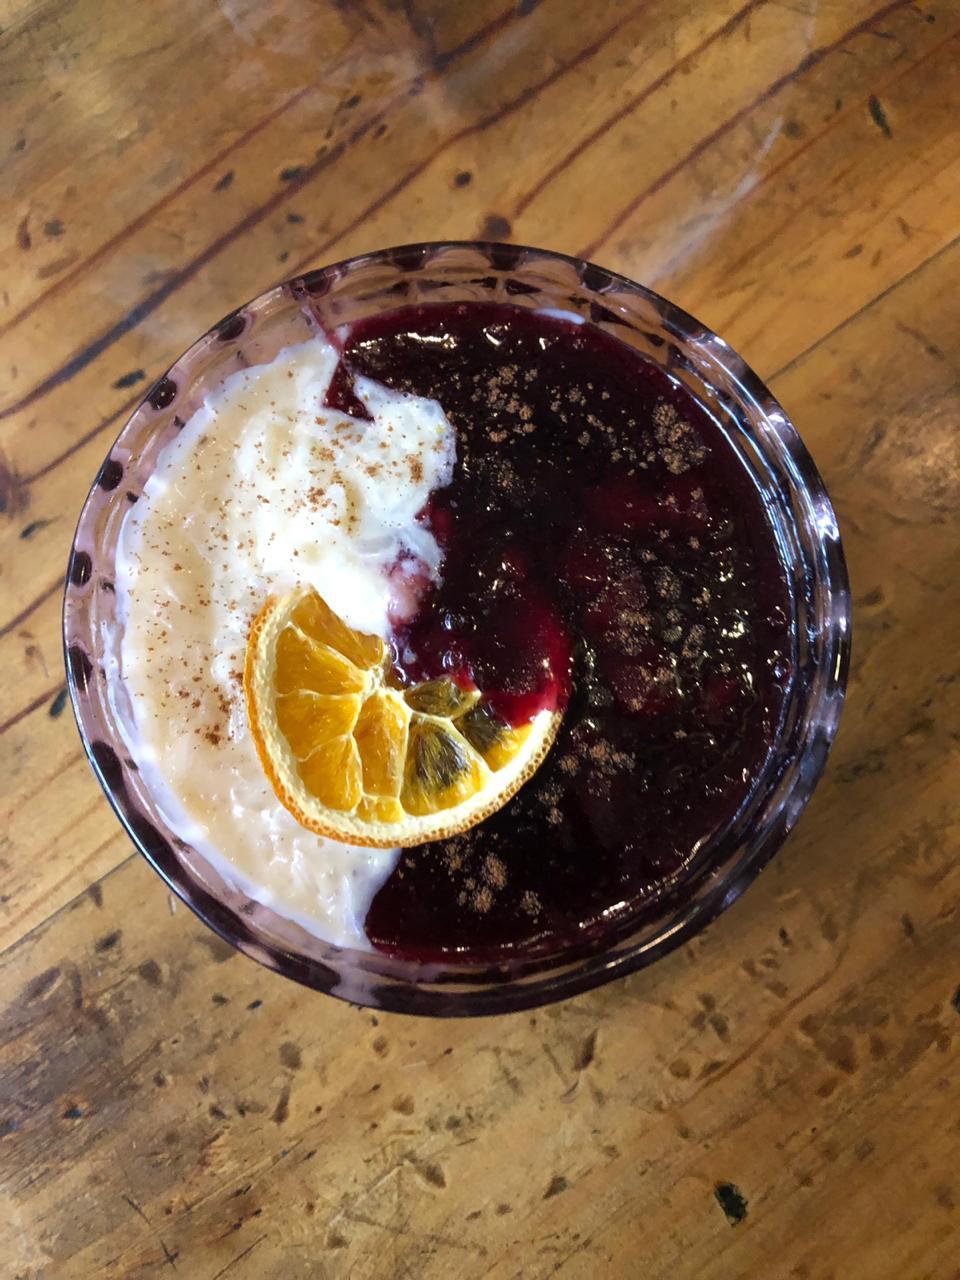 El clásico combinado de mazamorra morada y arroz con leche en su máxima expresión. (Foto: Matilde)